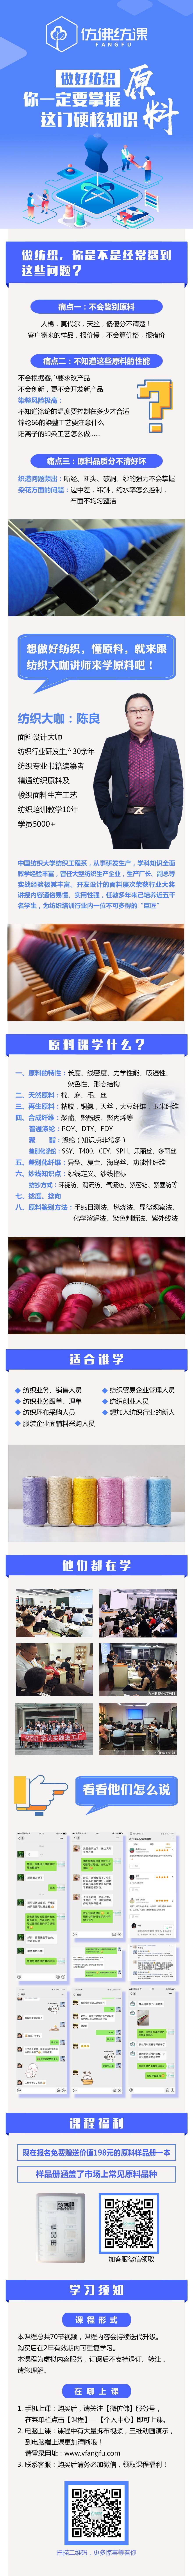 file_1584954981737.jpg